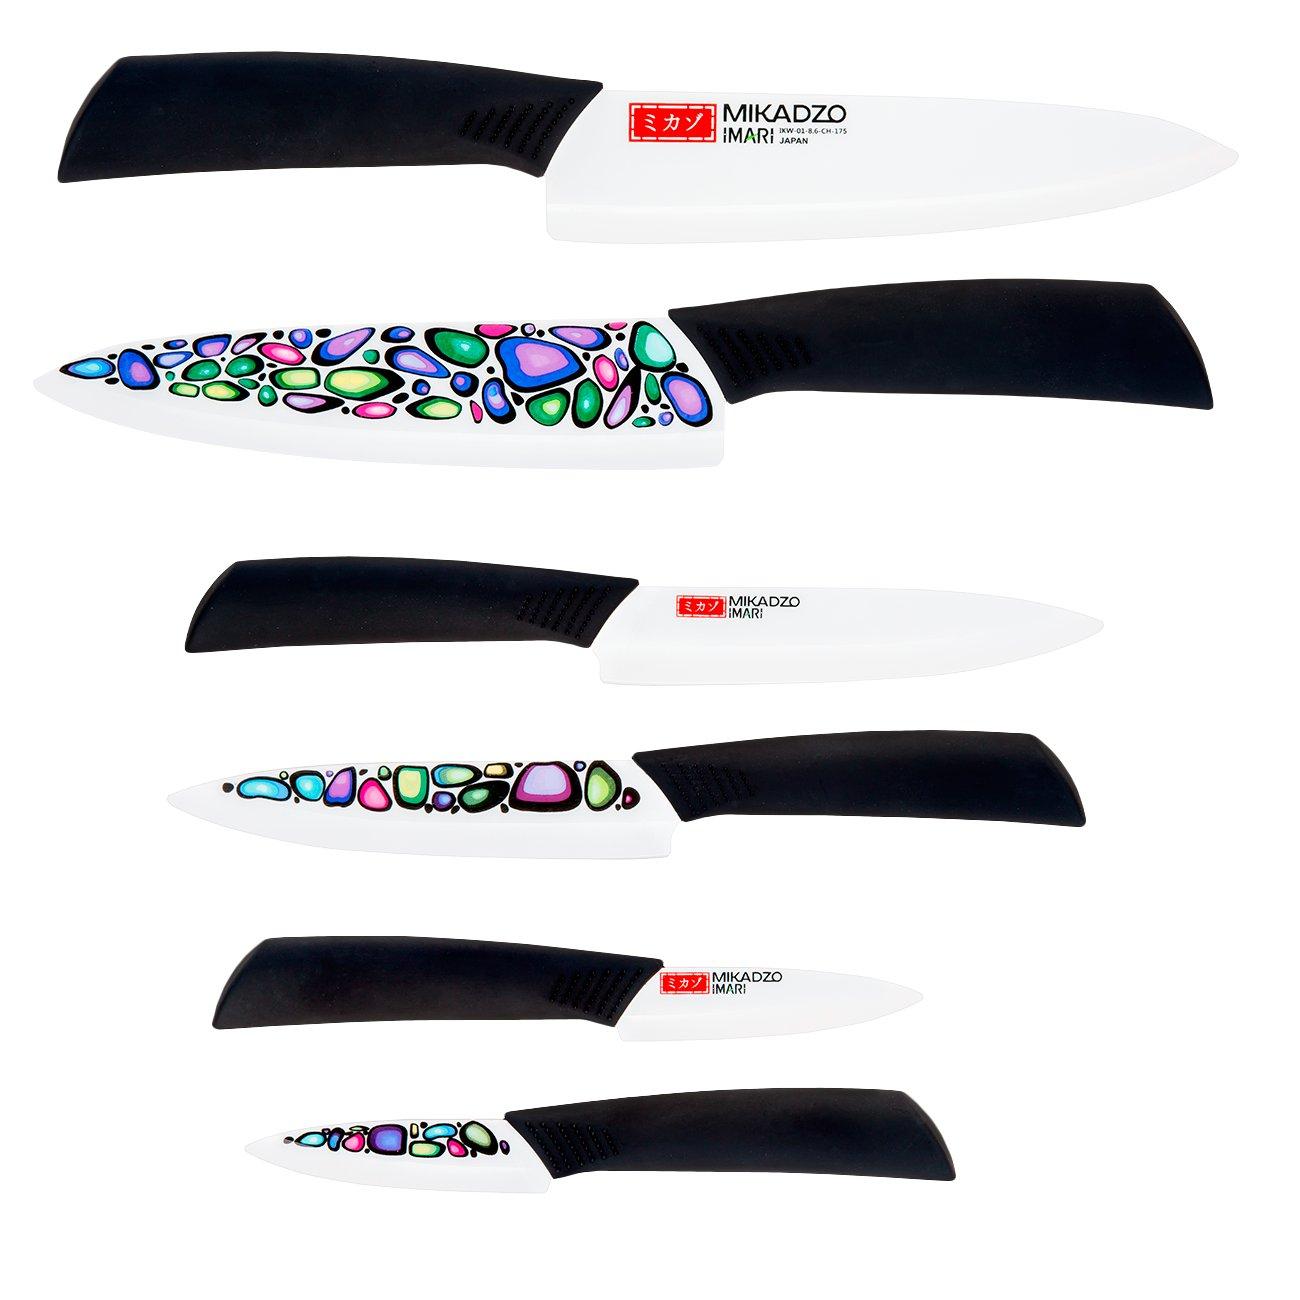 Кухонные керамические ножи Mikadzo IMARI